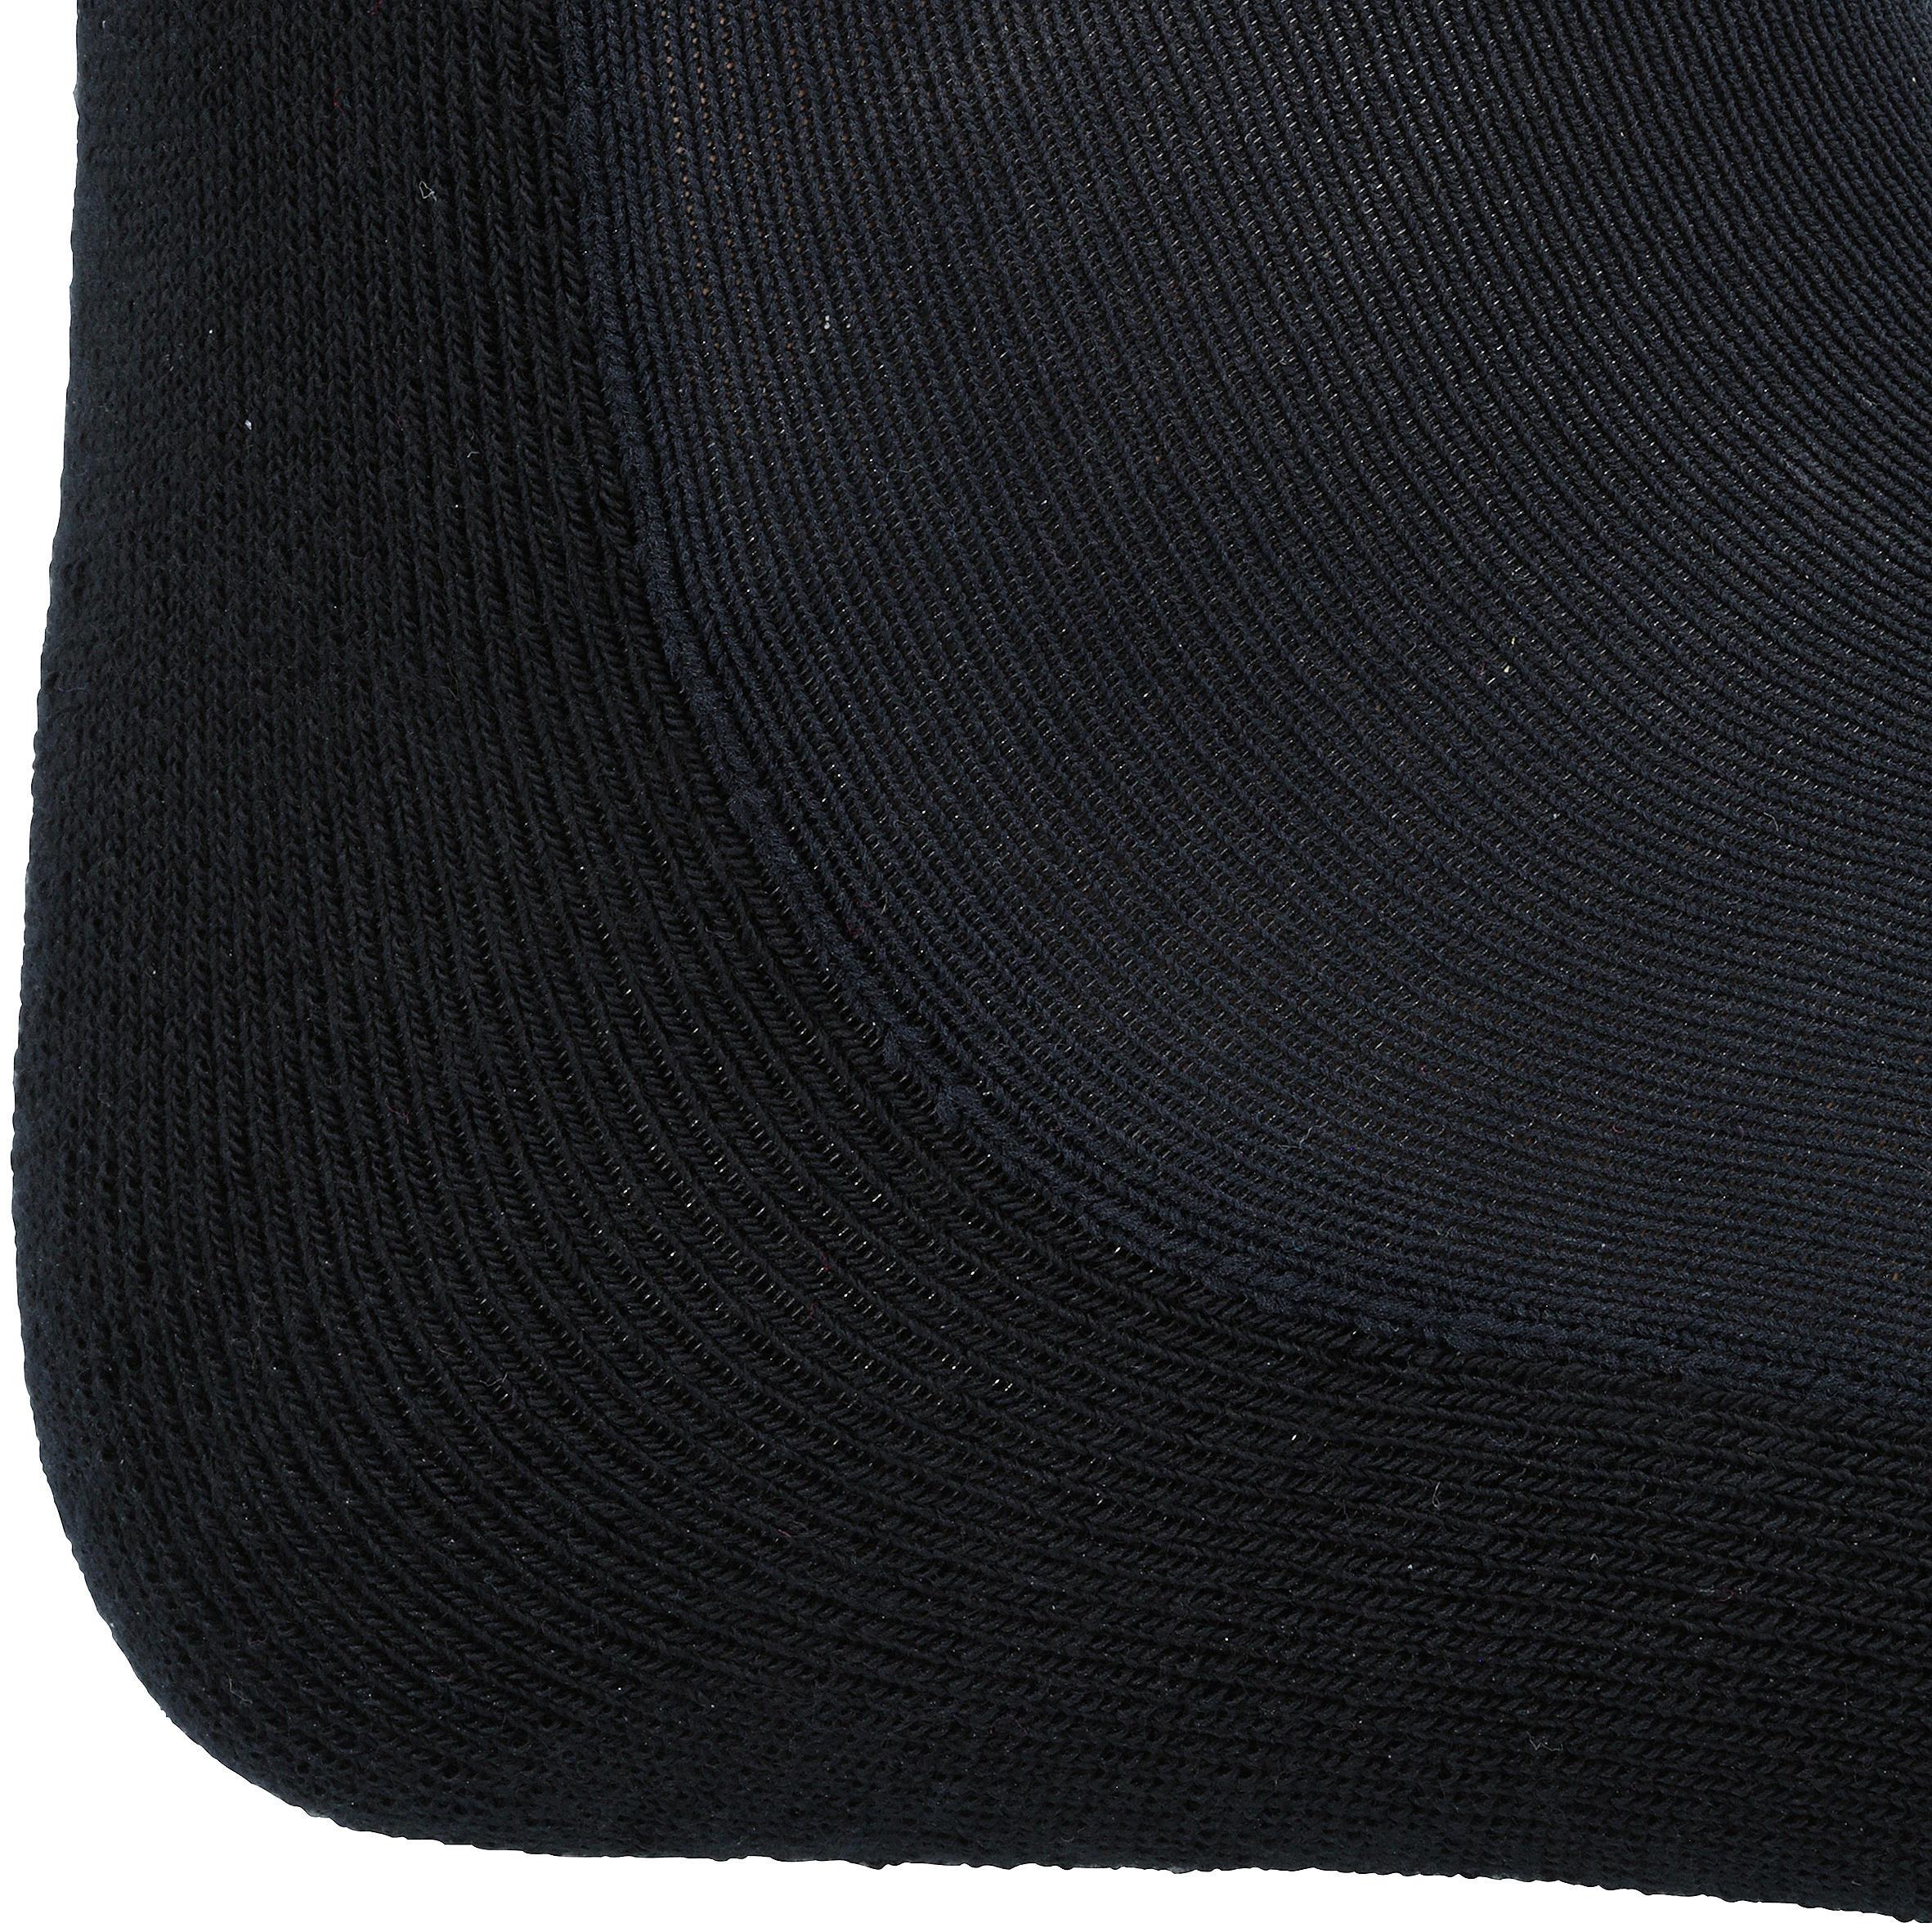 Chaussettes équitation adulte 100 noir/rayures grises